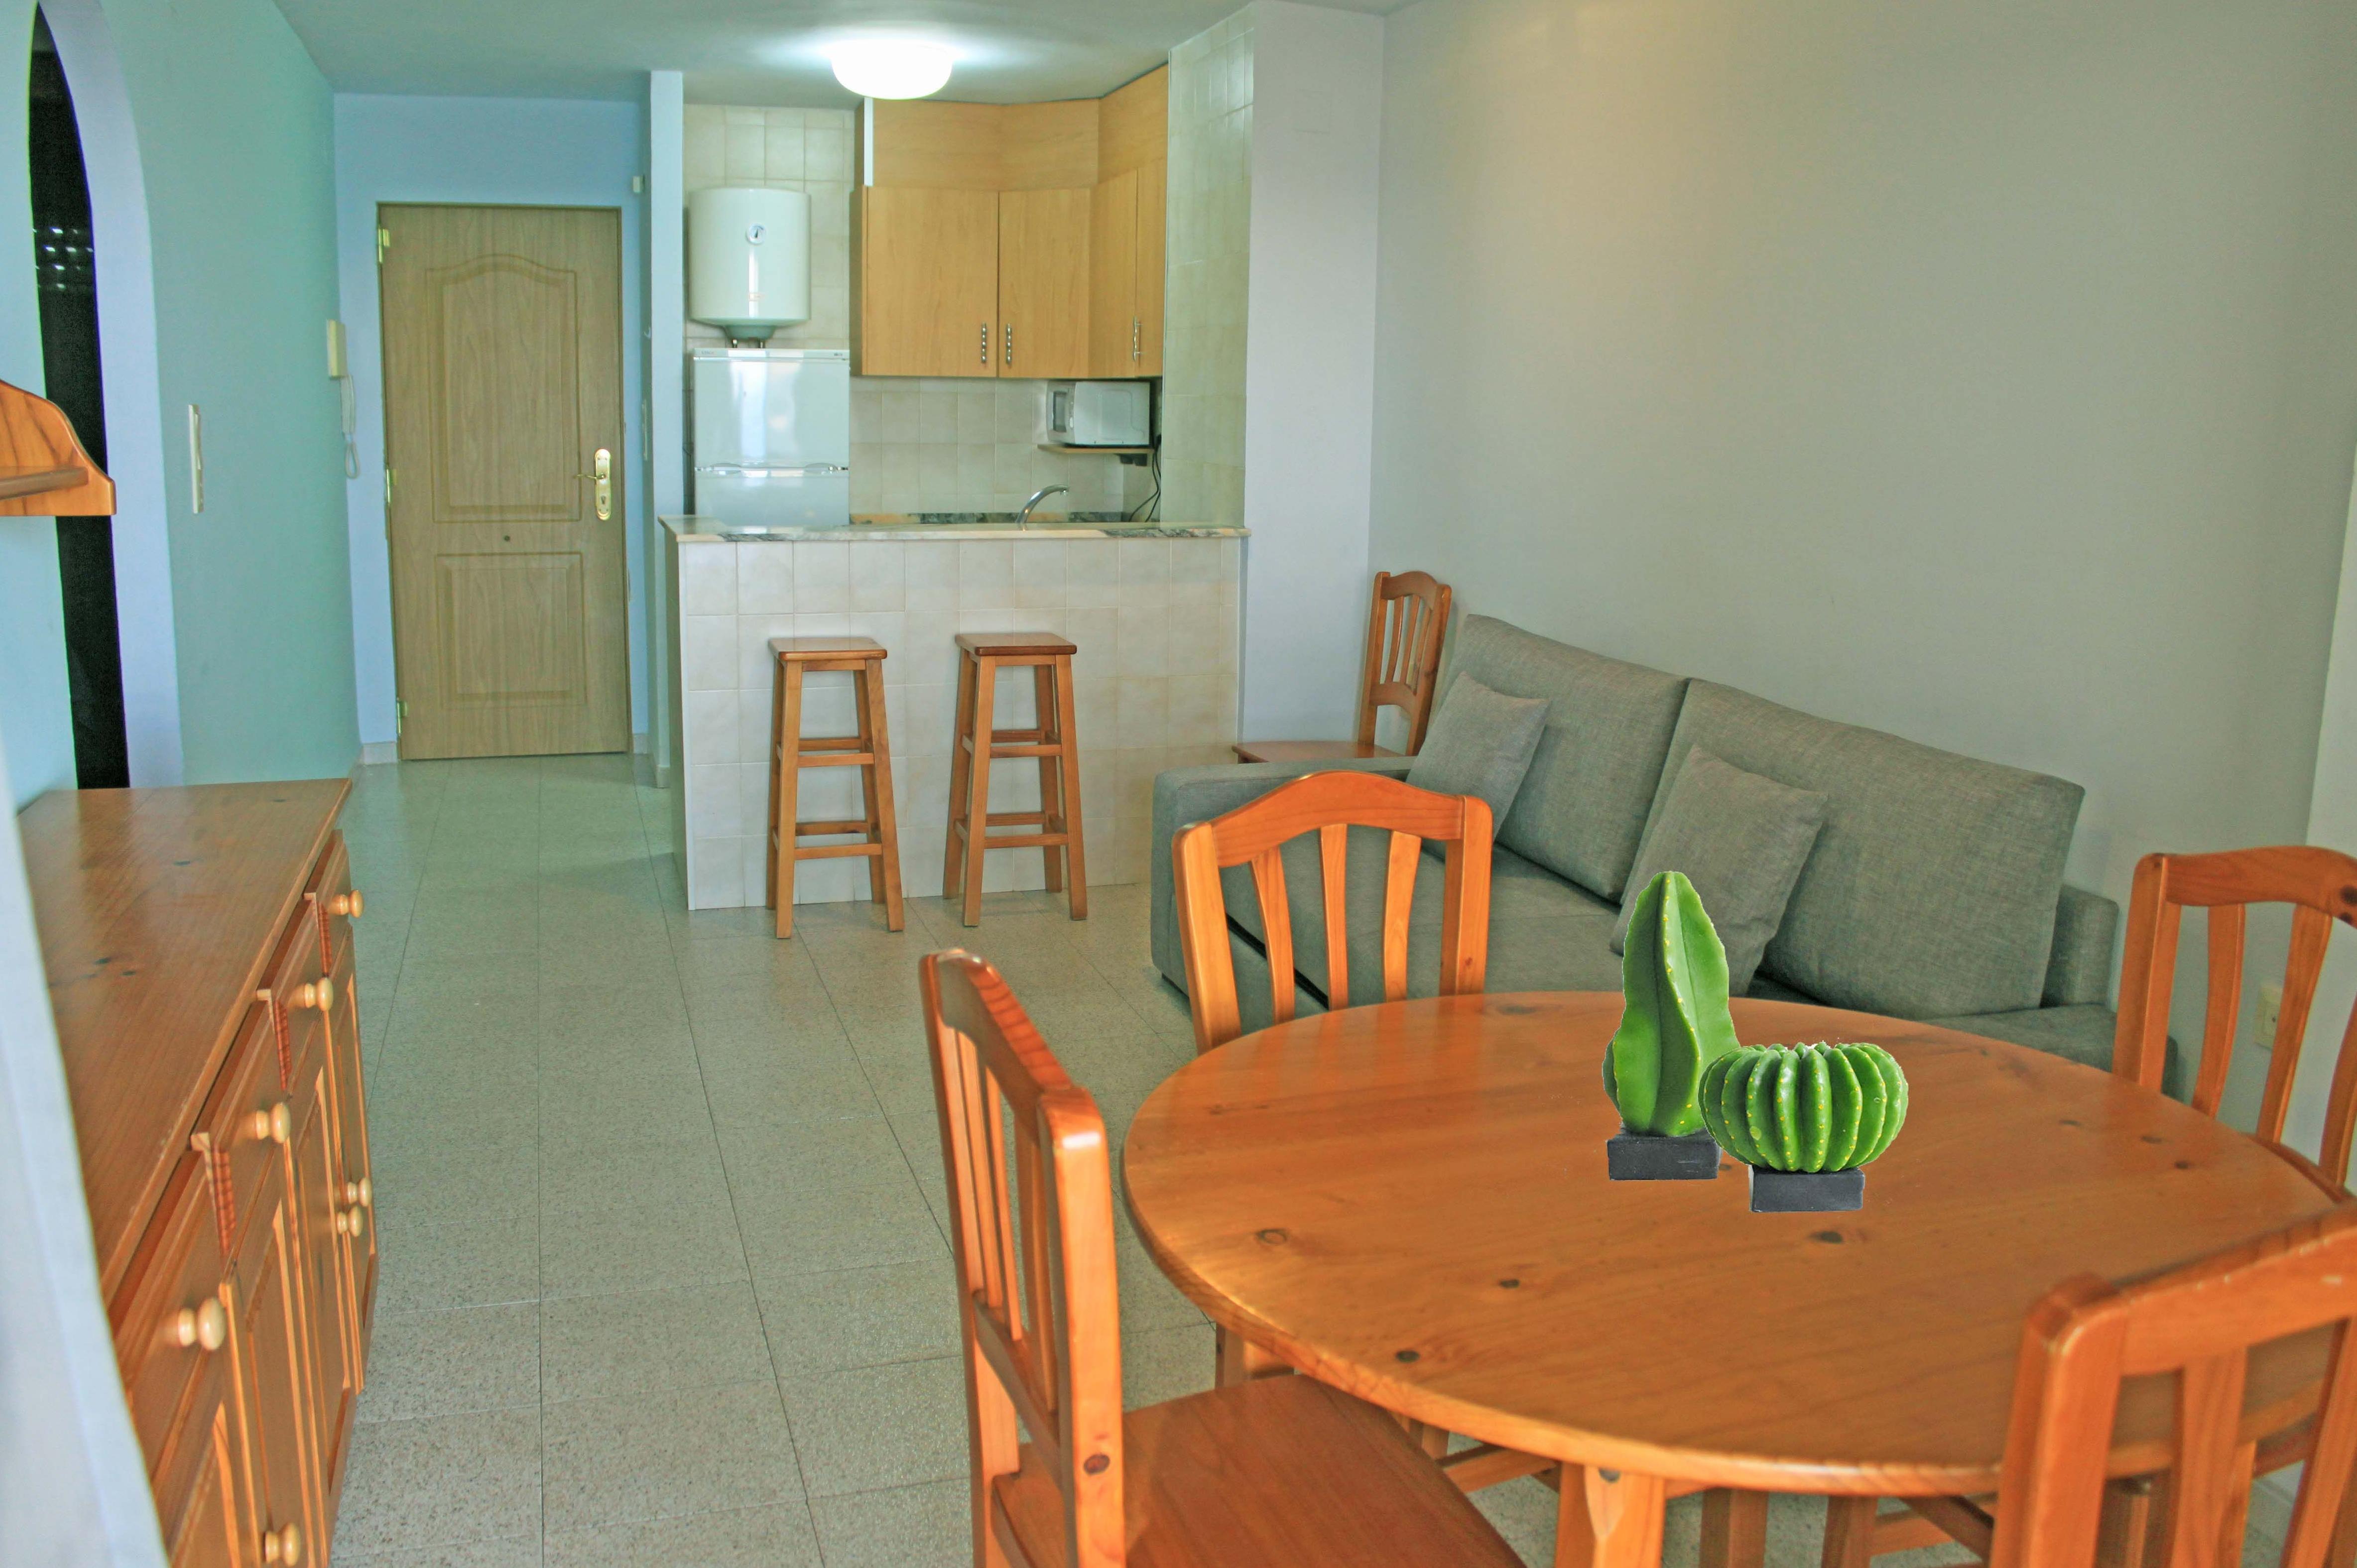 Foto 32 de Apartamentos y casas de alquiler en Peníscola/Peñíscola | Apartamentos Florida II